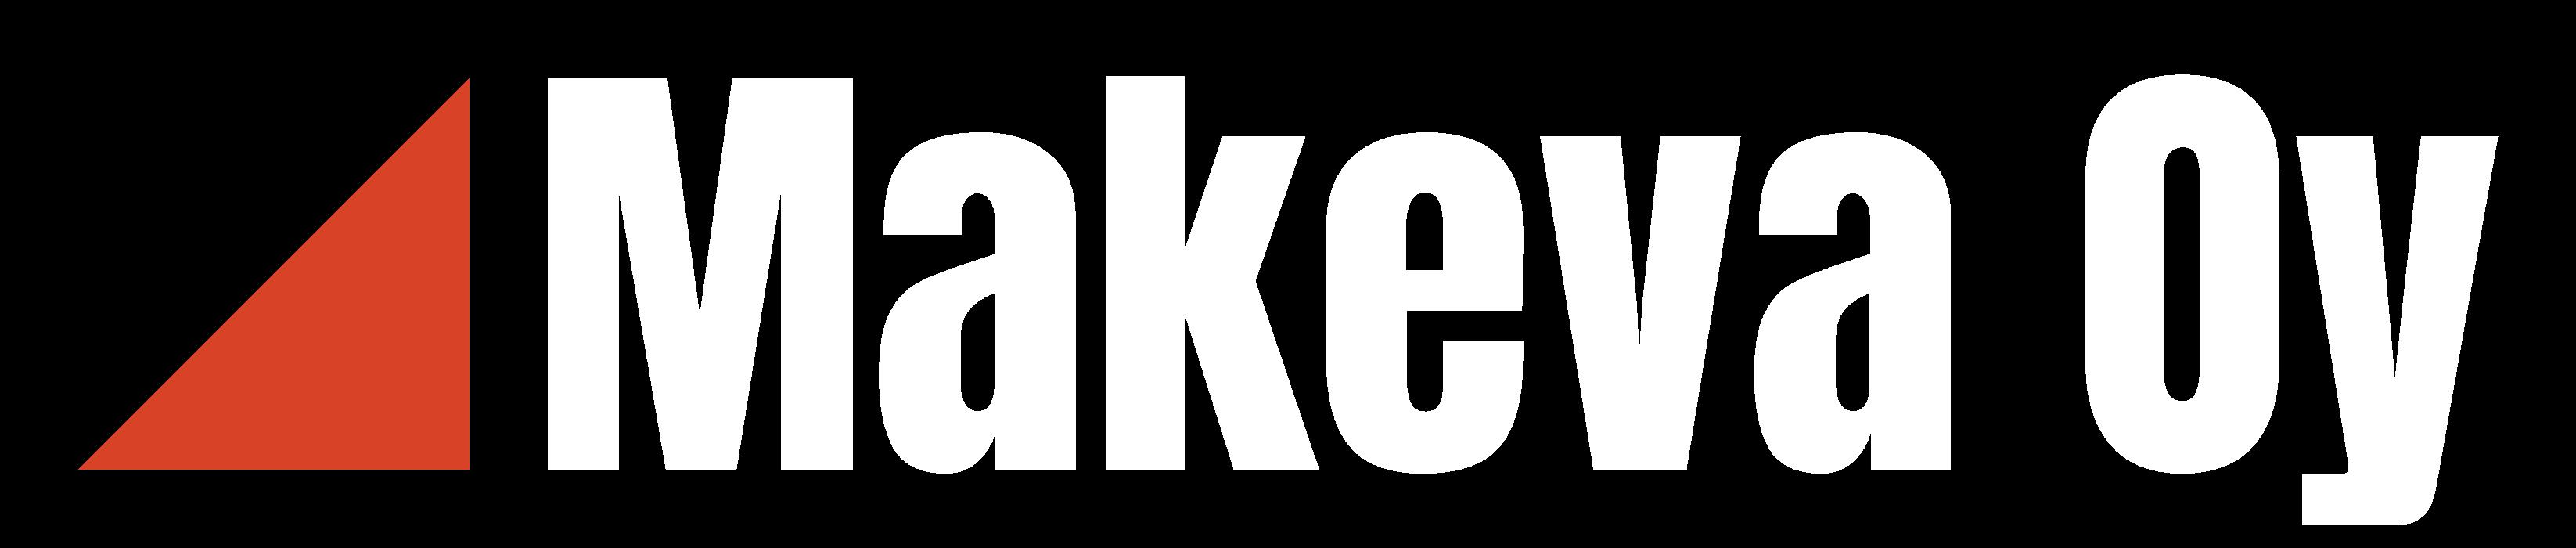 Makeva Oy